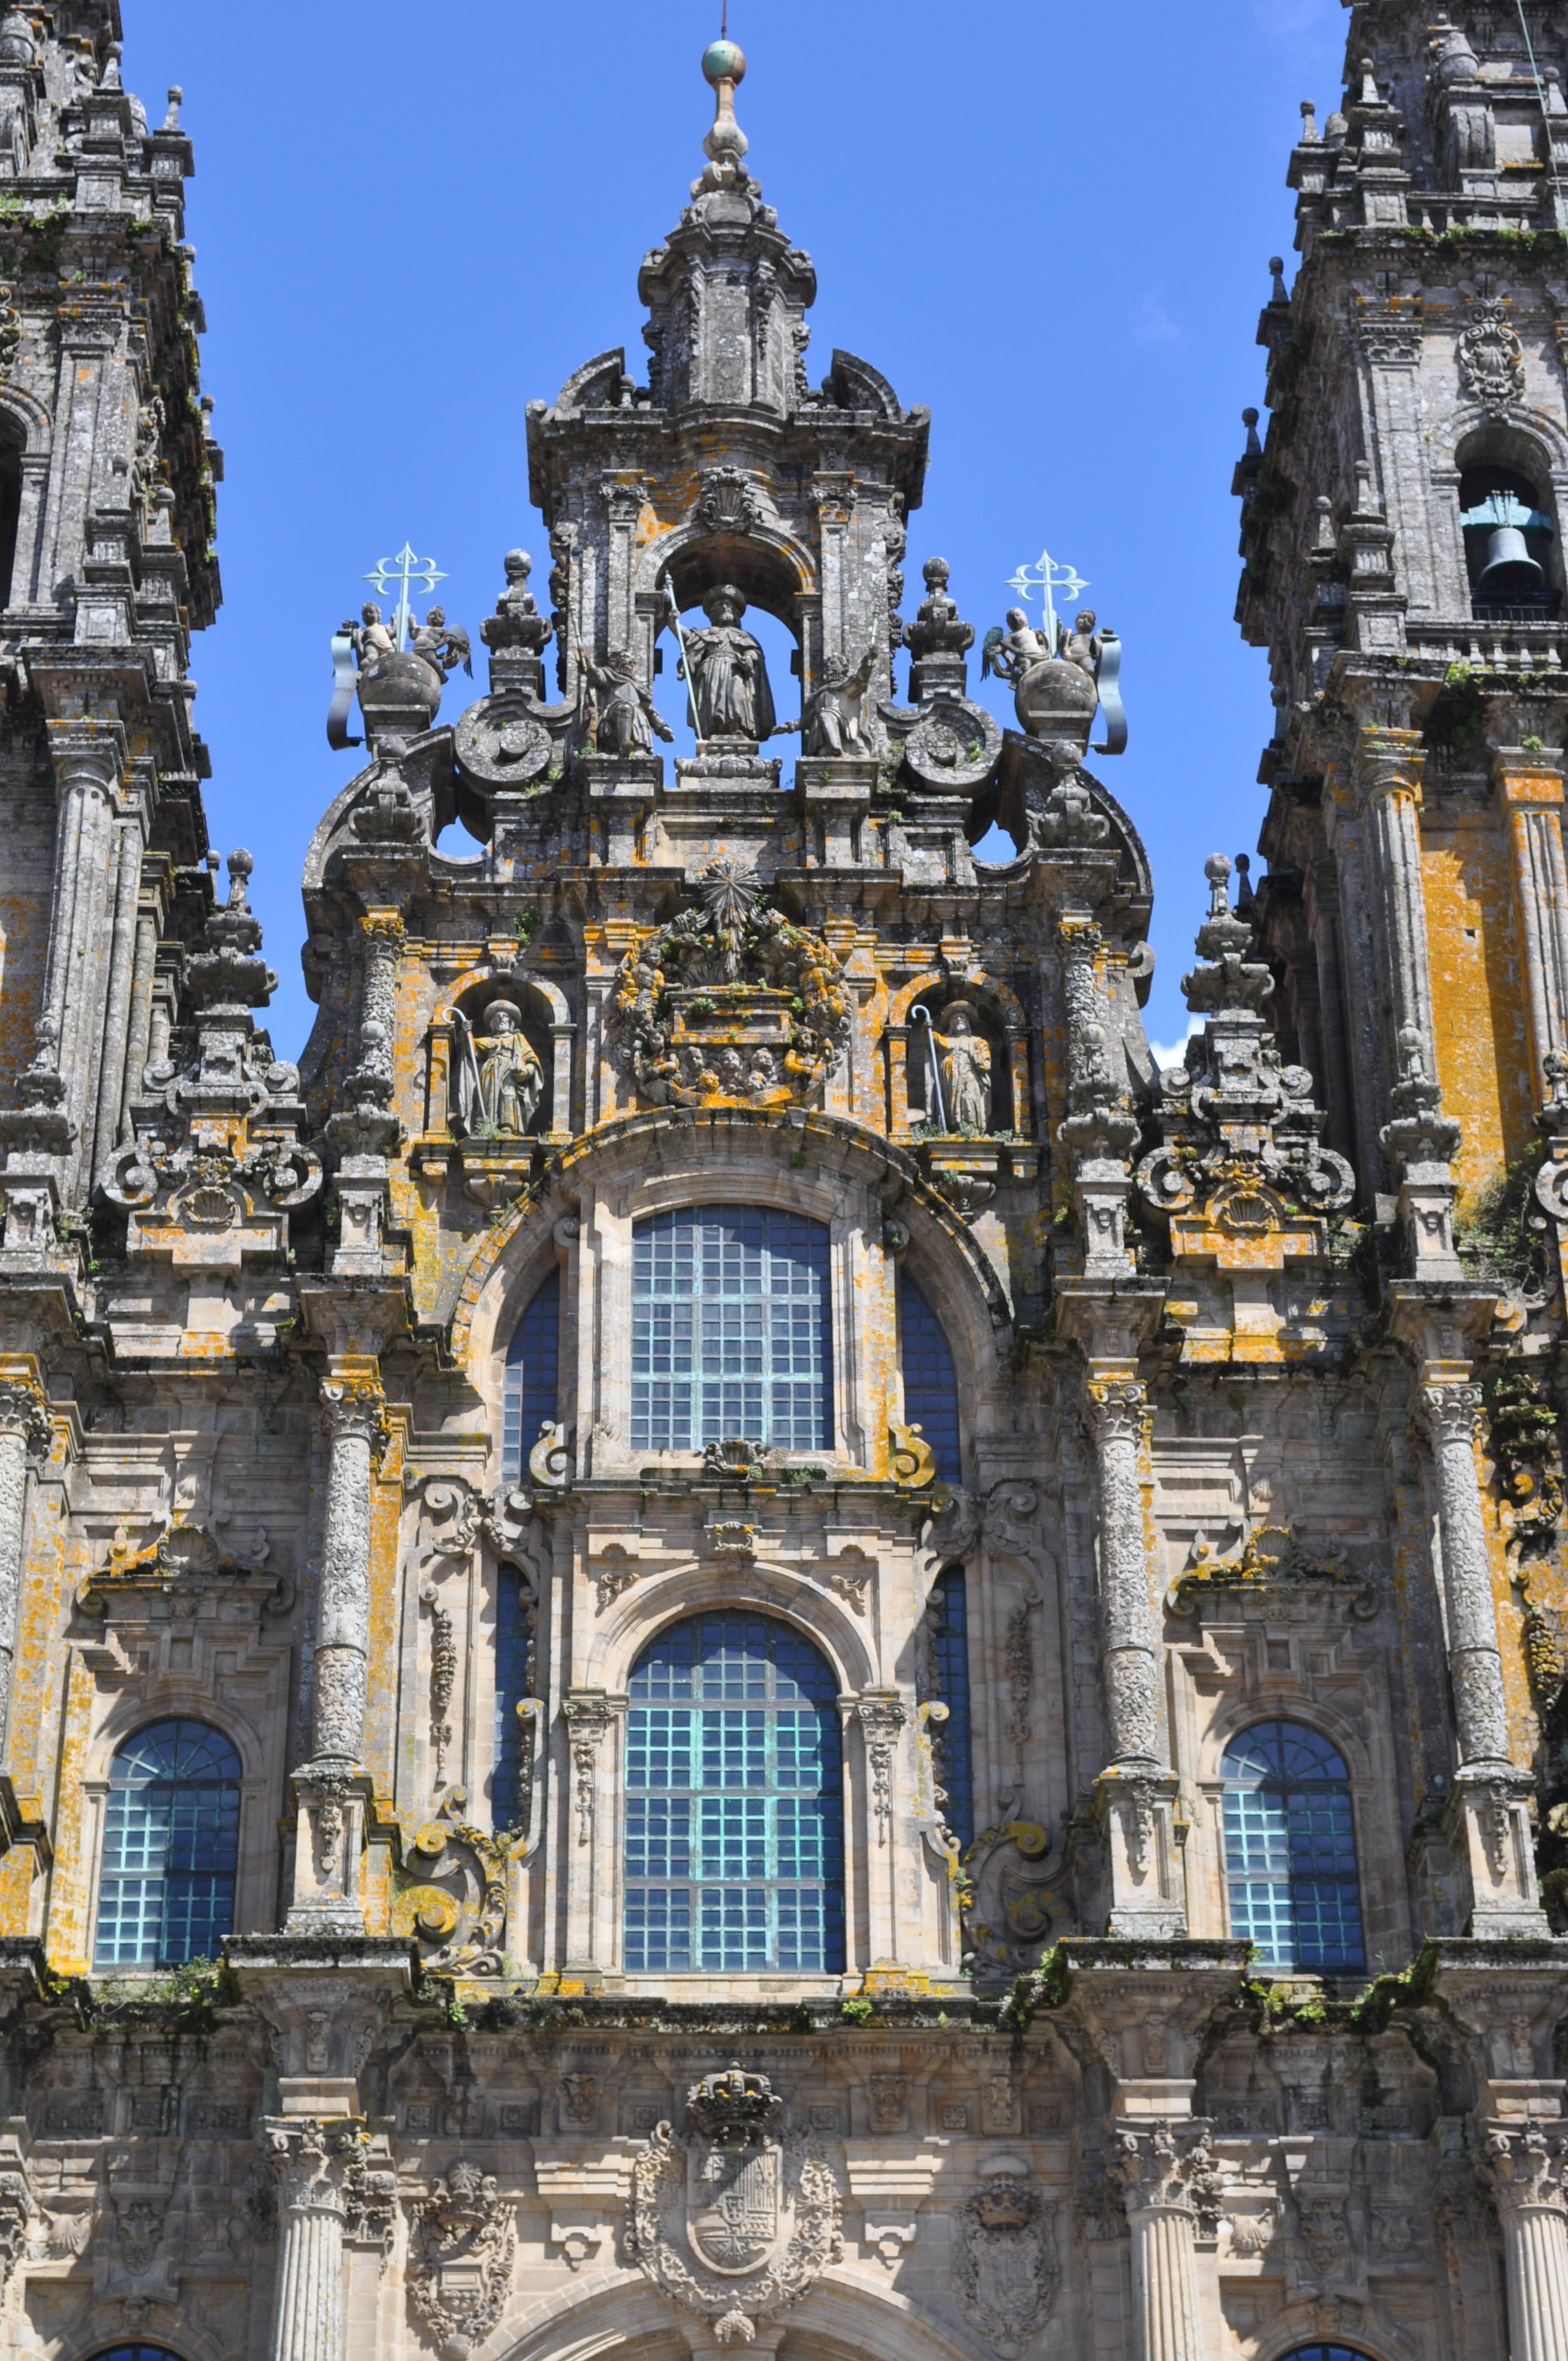 Santiago de Compostela: Our Visit to the Final Destination